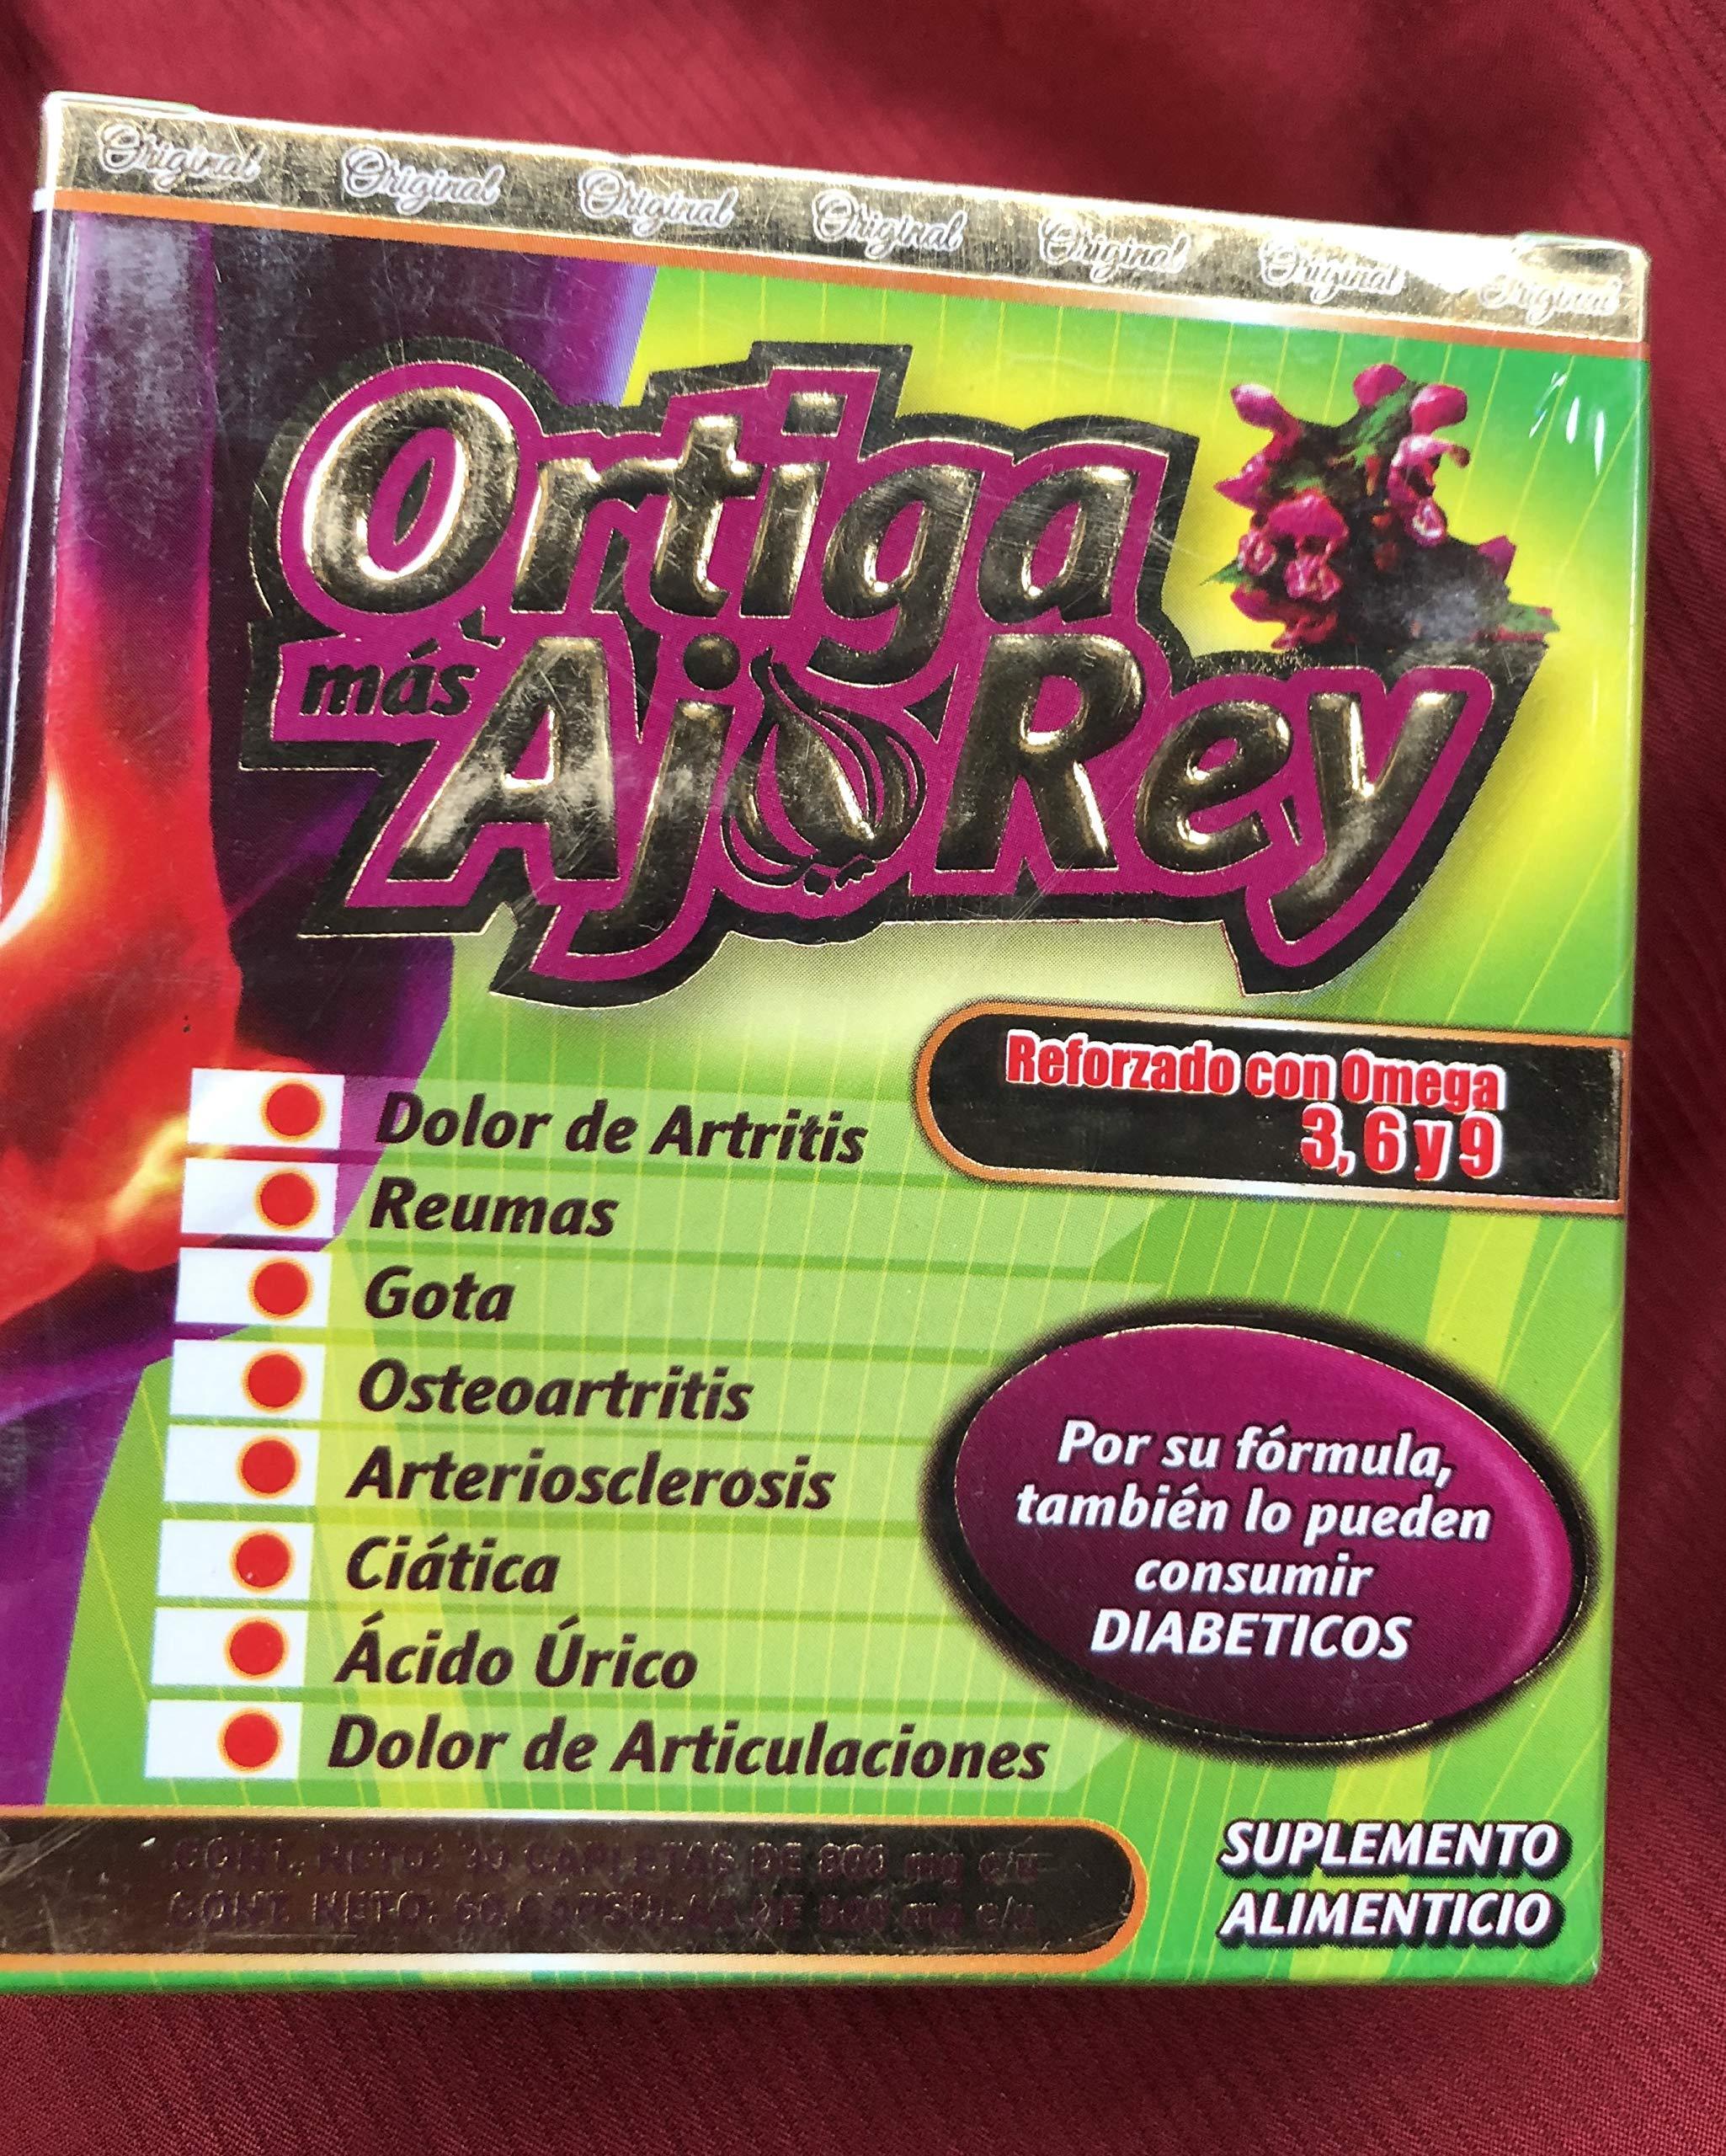 Reliable ORТlGA МАS АJО Rey 100% Original Con Omega 3 6 Y 9 Arthritis Herbs